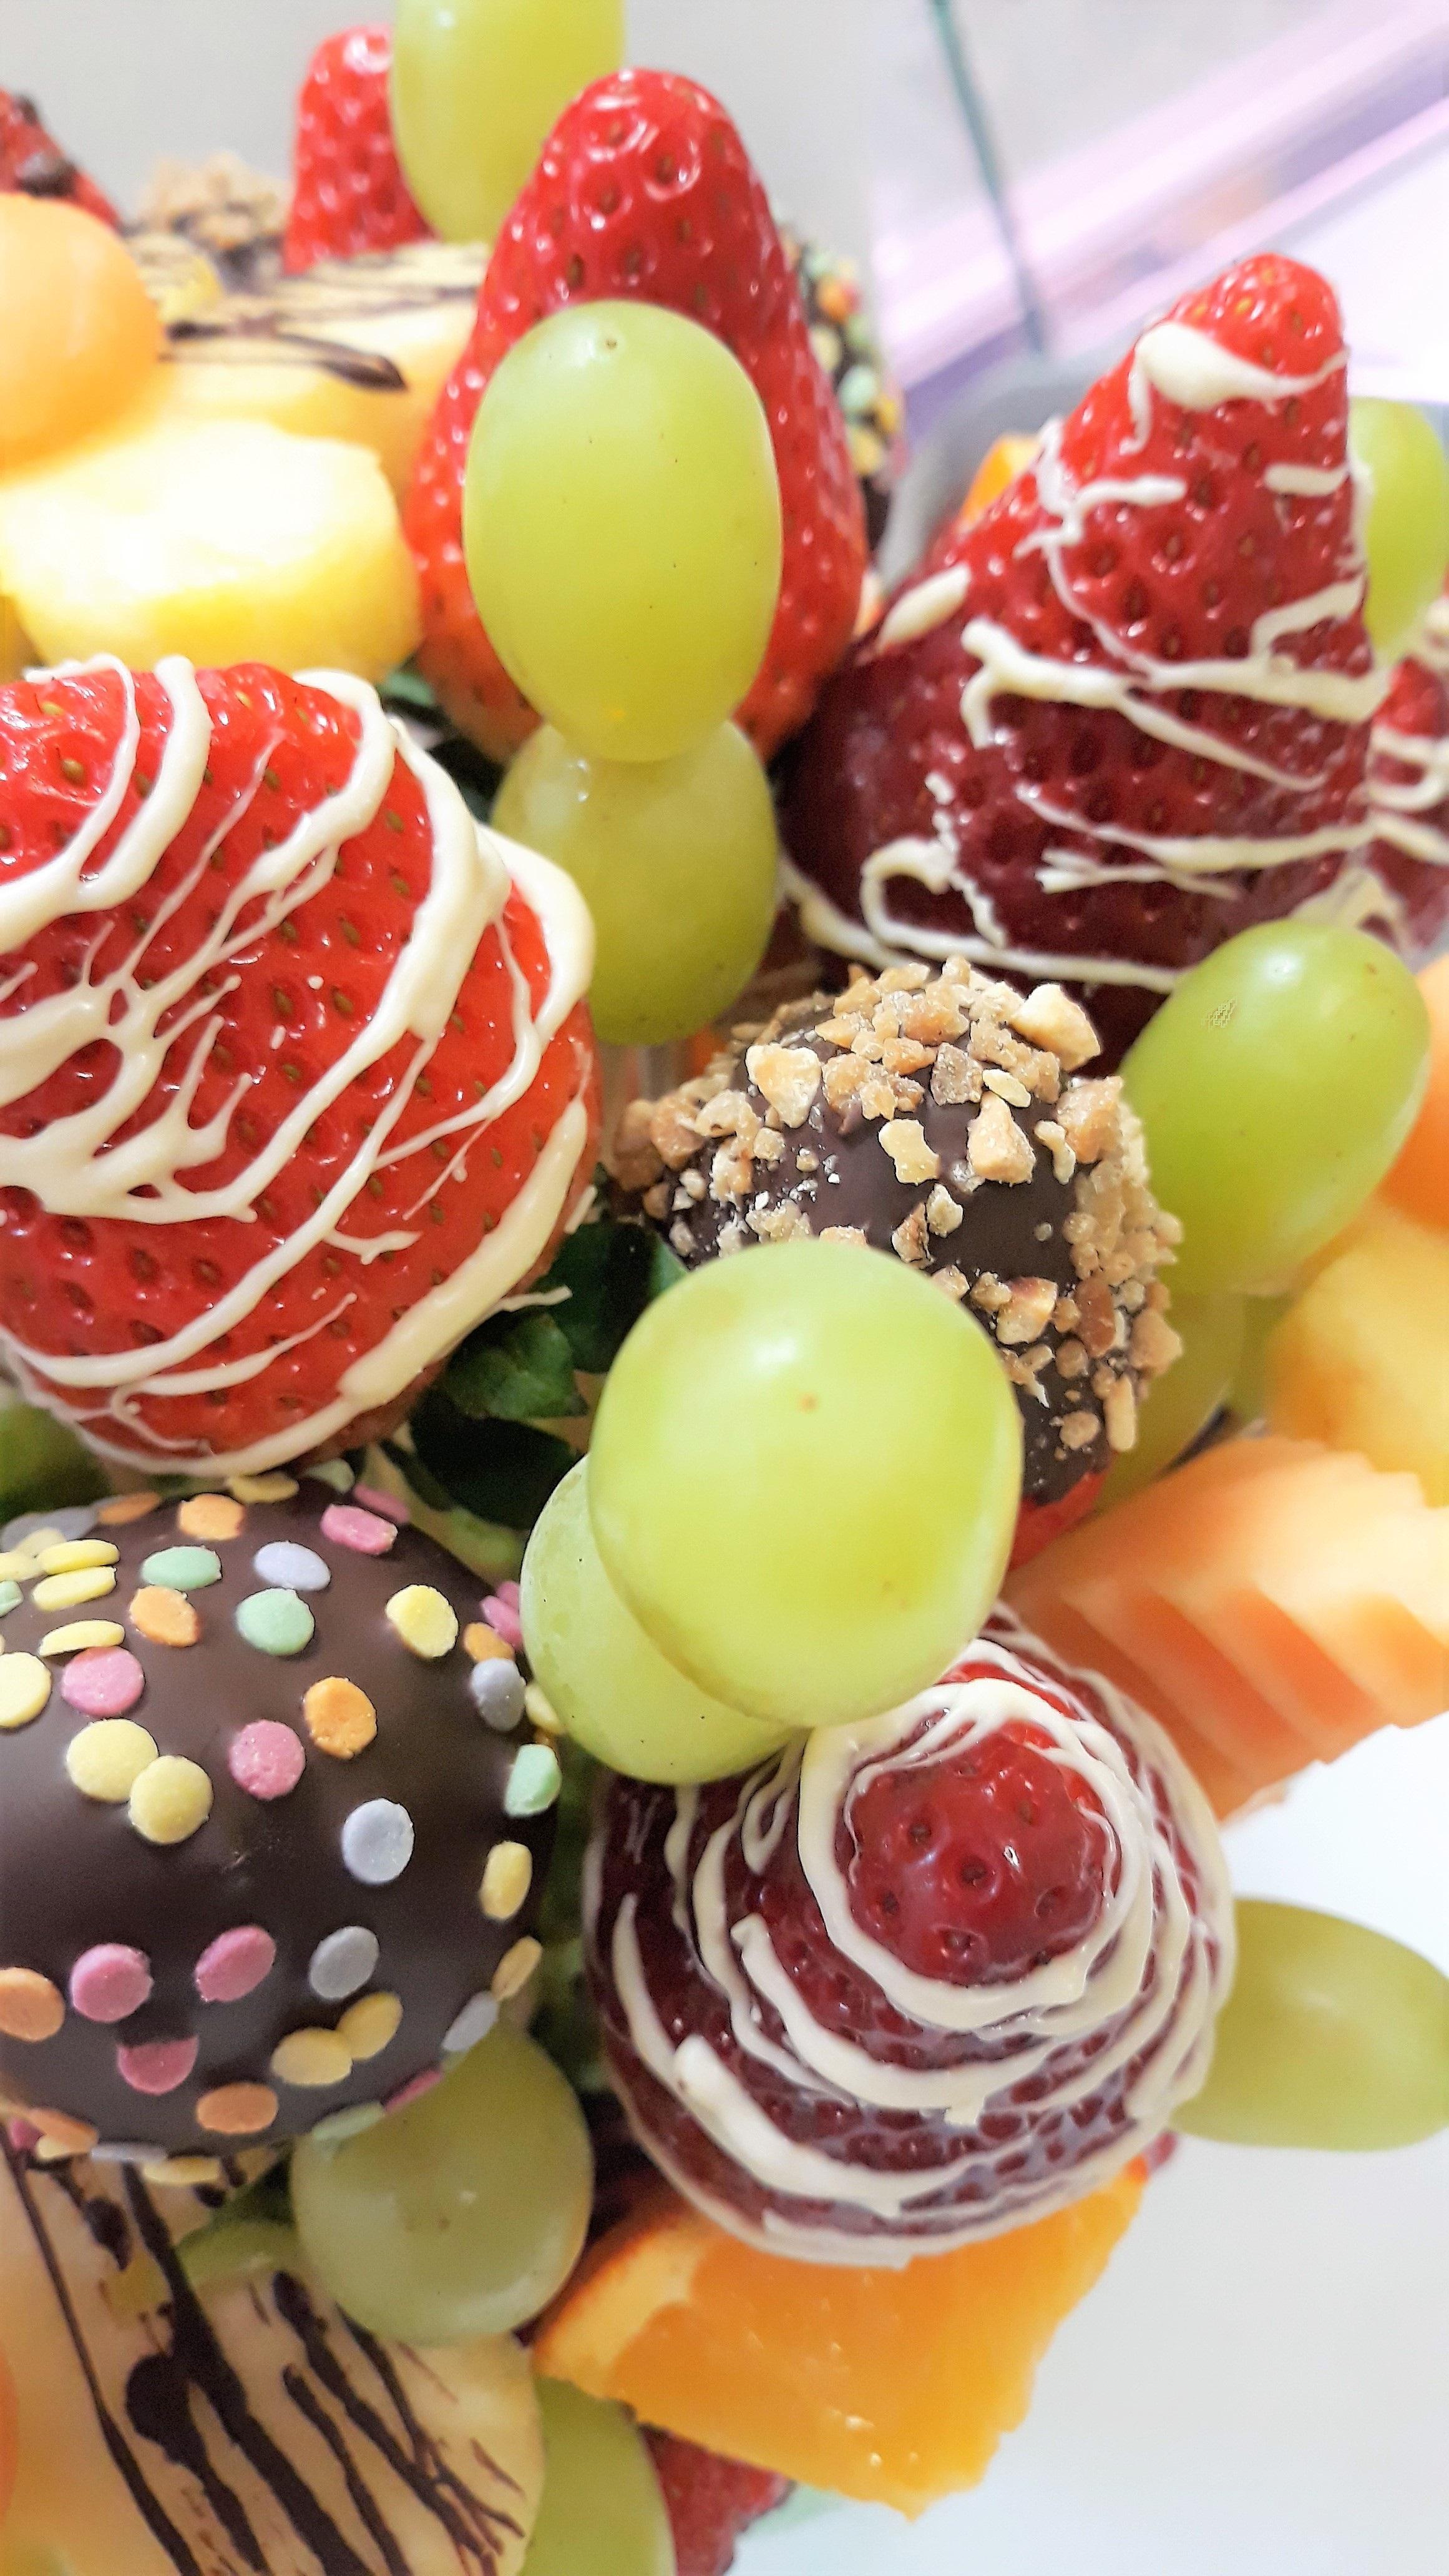 c2d7cea5a LUCREZIA je svieža, energiou nabitá ovocná kytica, v ktorej vyniká ovocie  typicky jarnými farbami - žltej, oranžovej, zelenej a červenej.